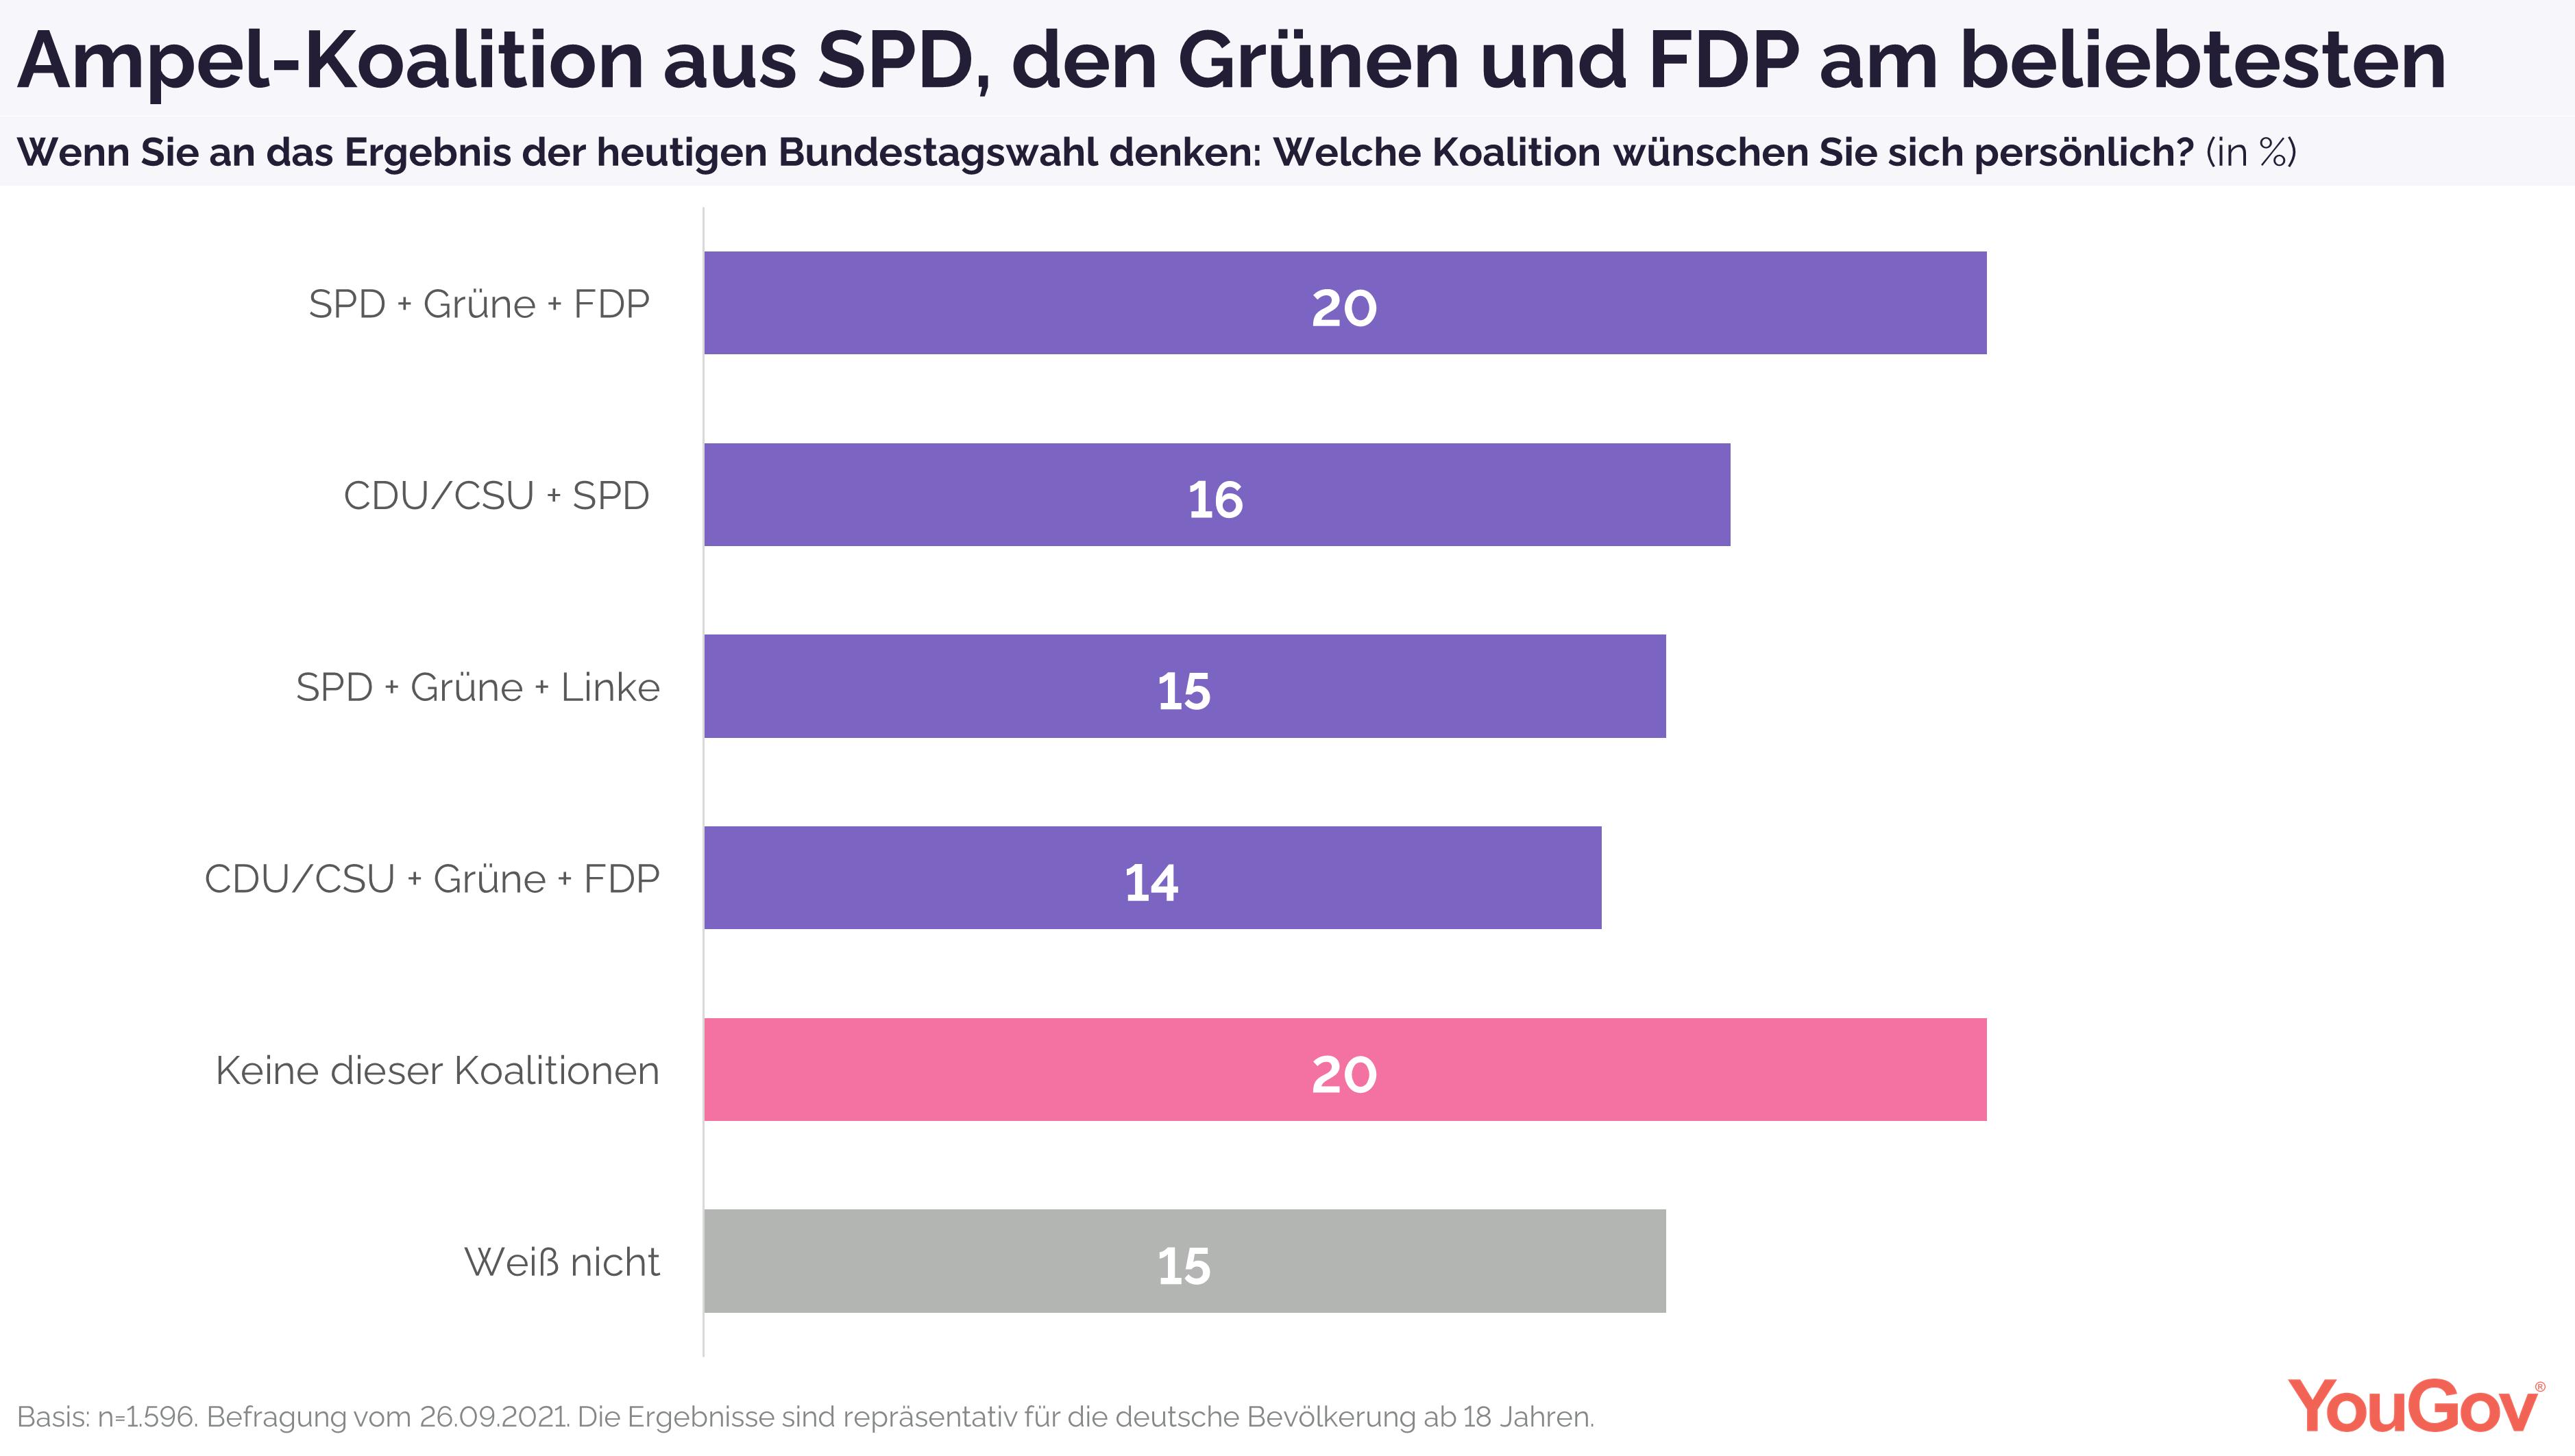 Blitzumfrage - Koalitionspräferenzen